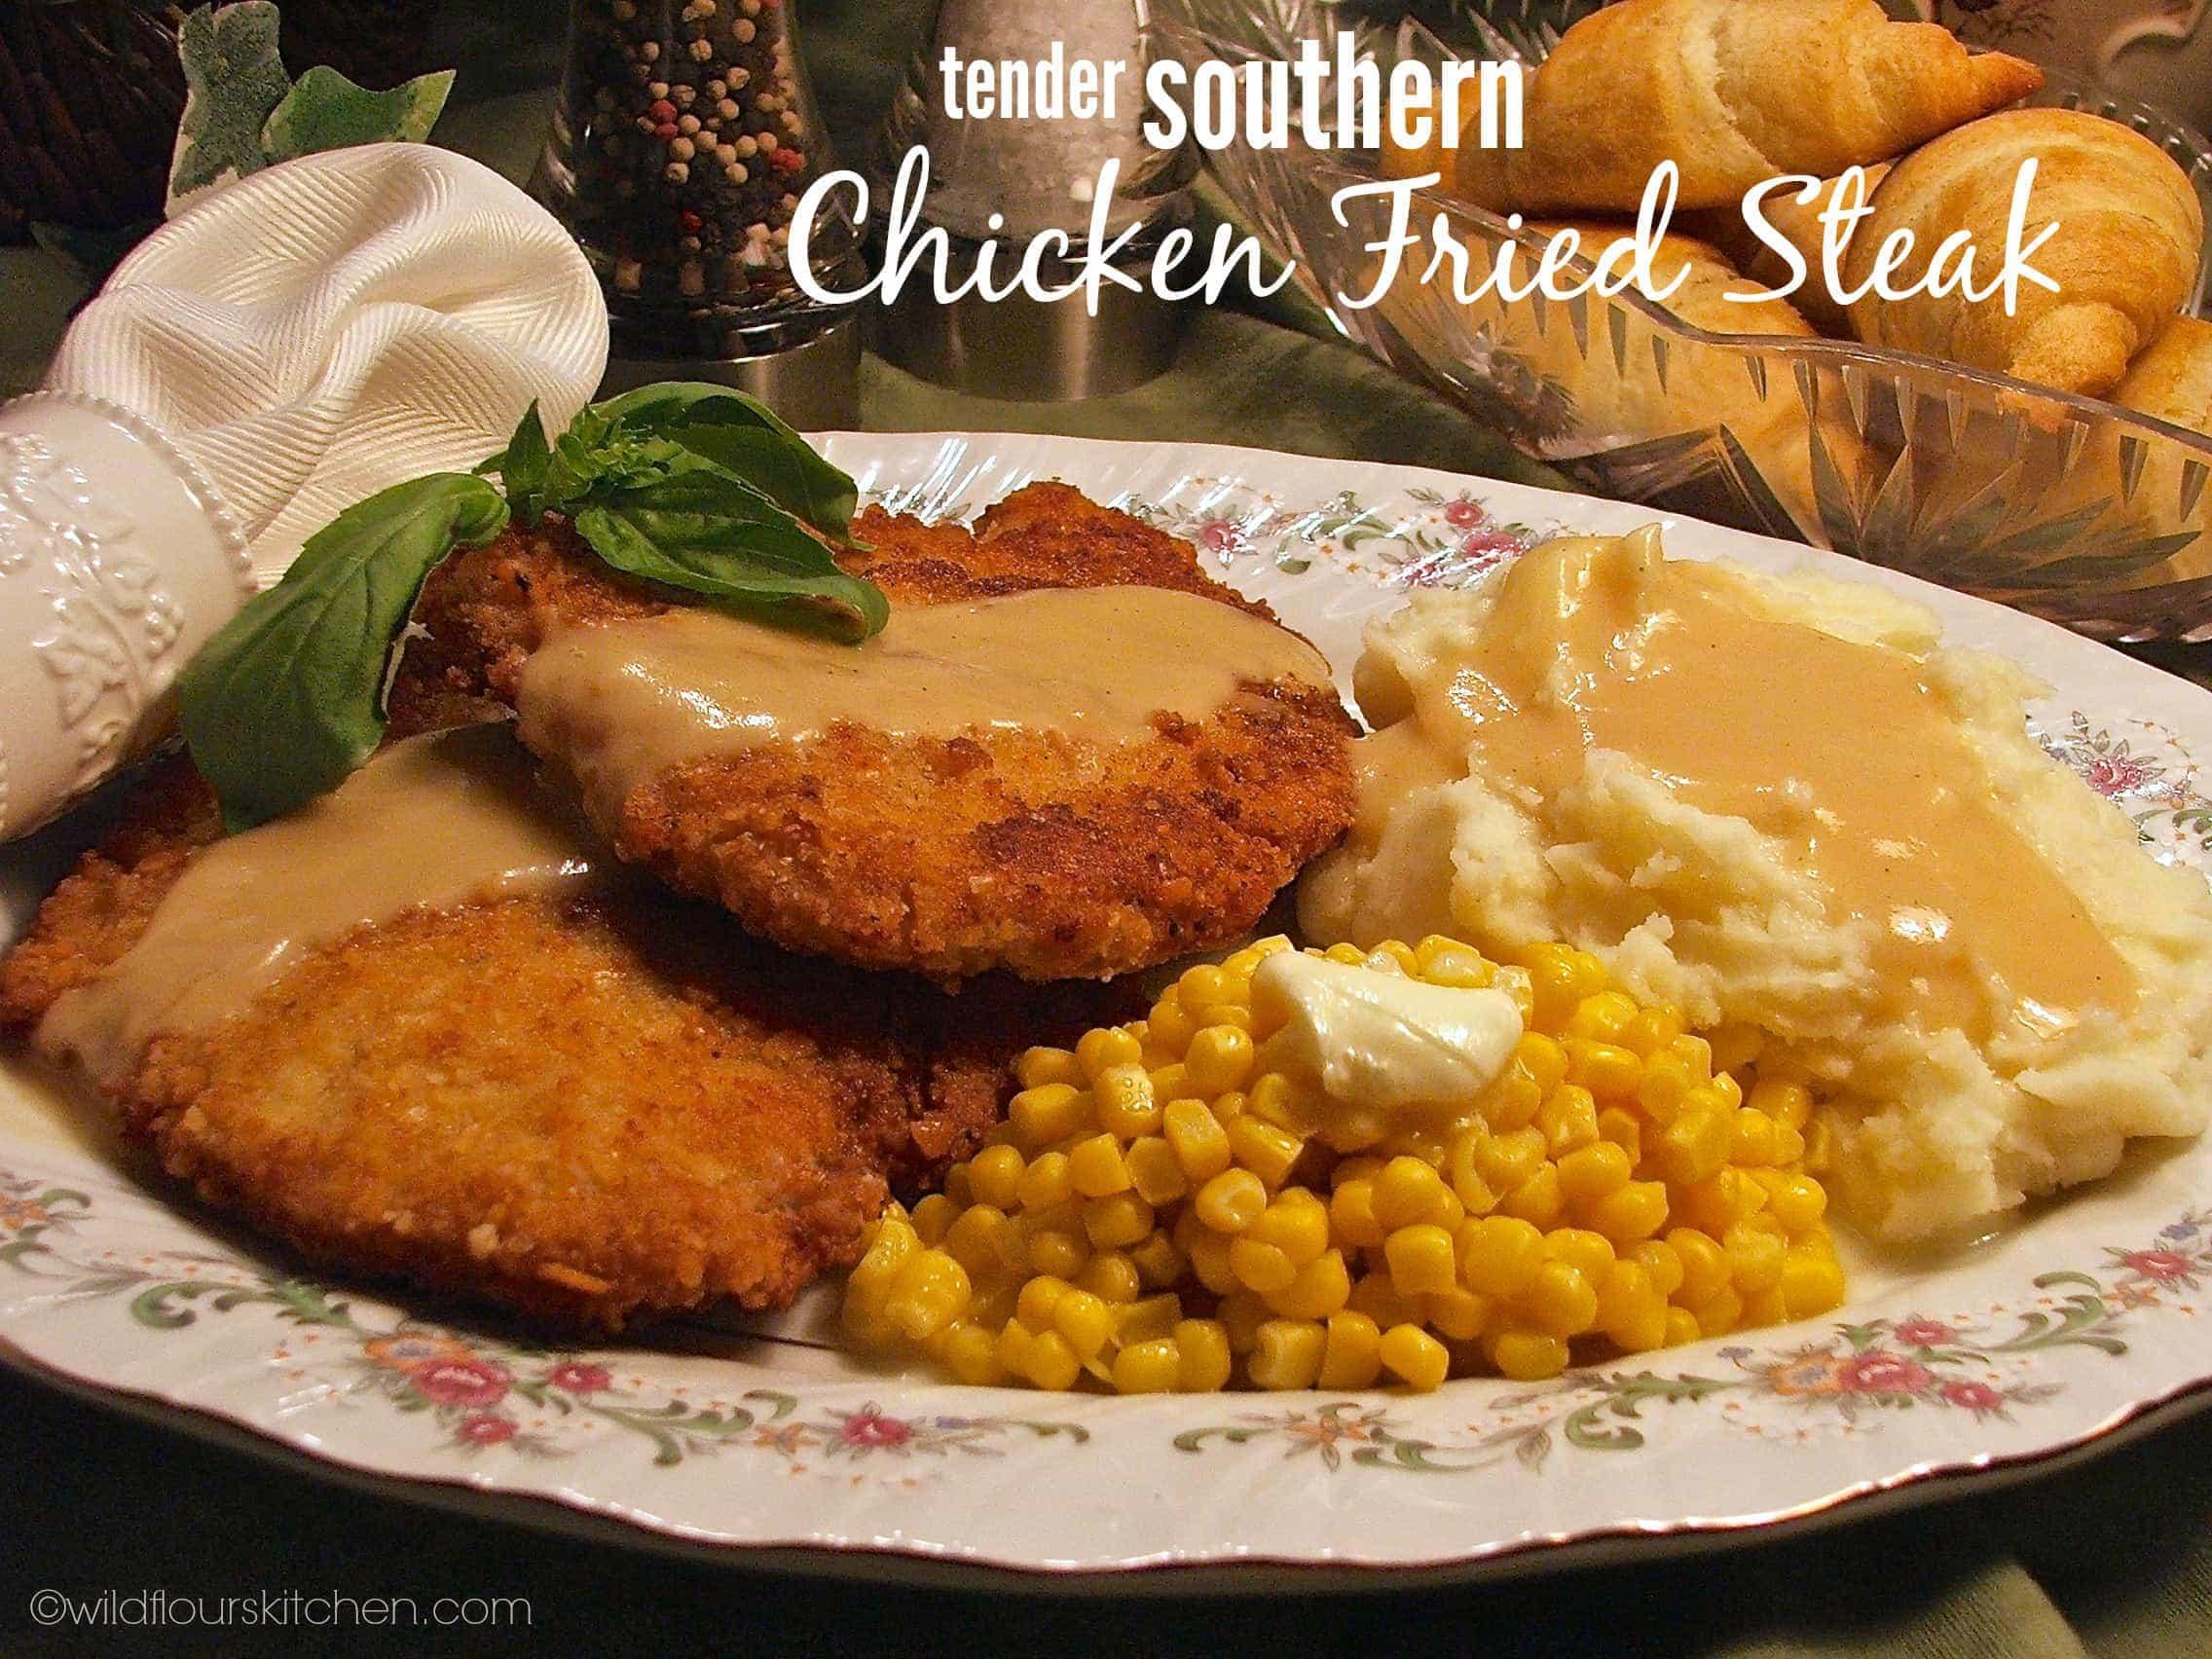 Tender Southern Chicken Fried Steak - Wildflour's Cottage Kitchen